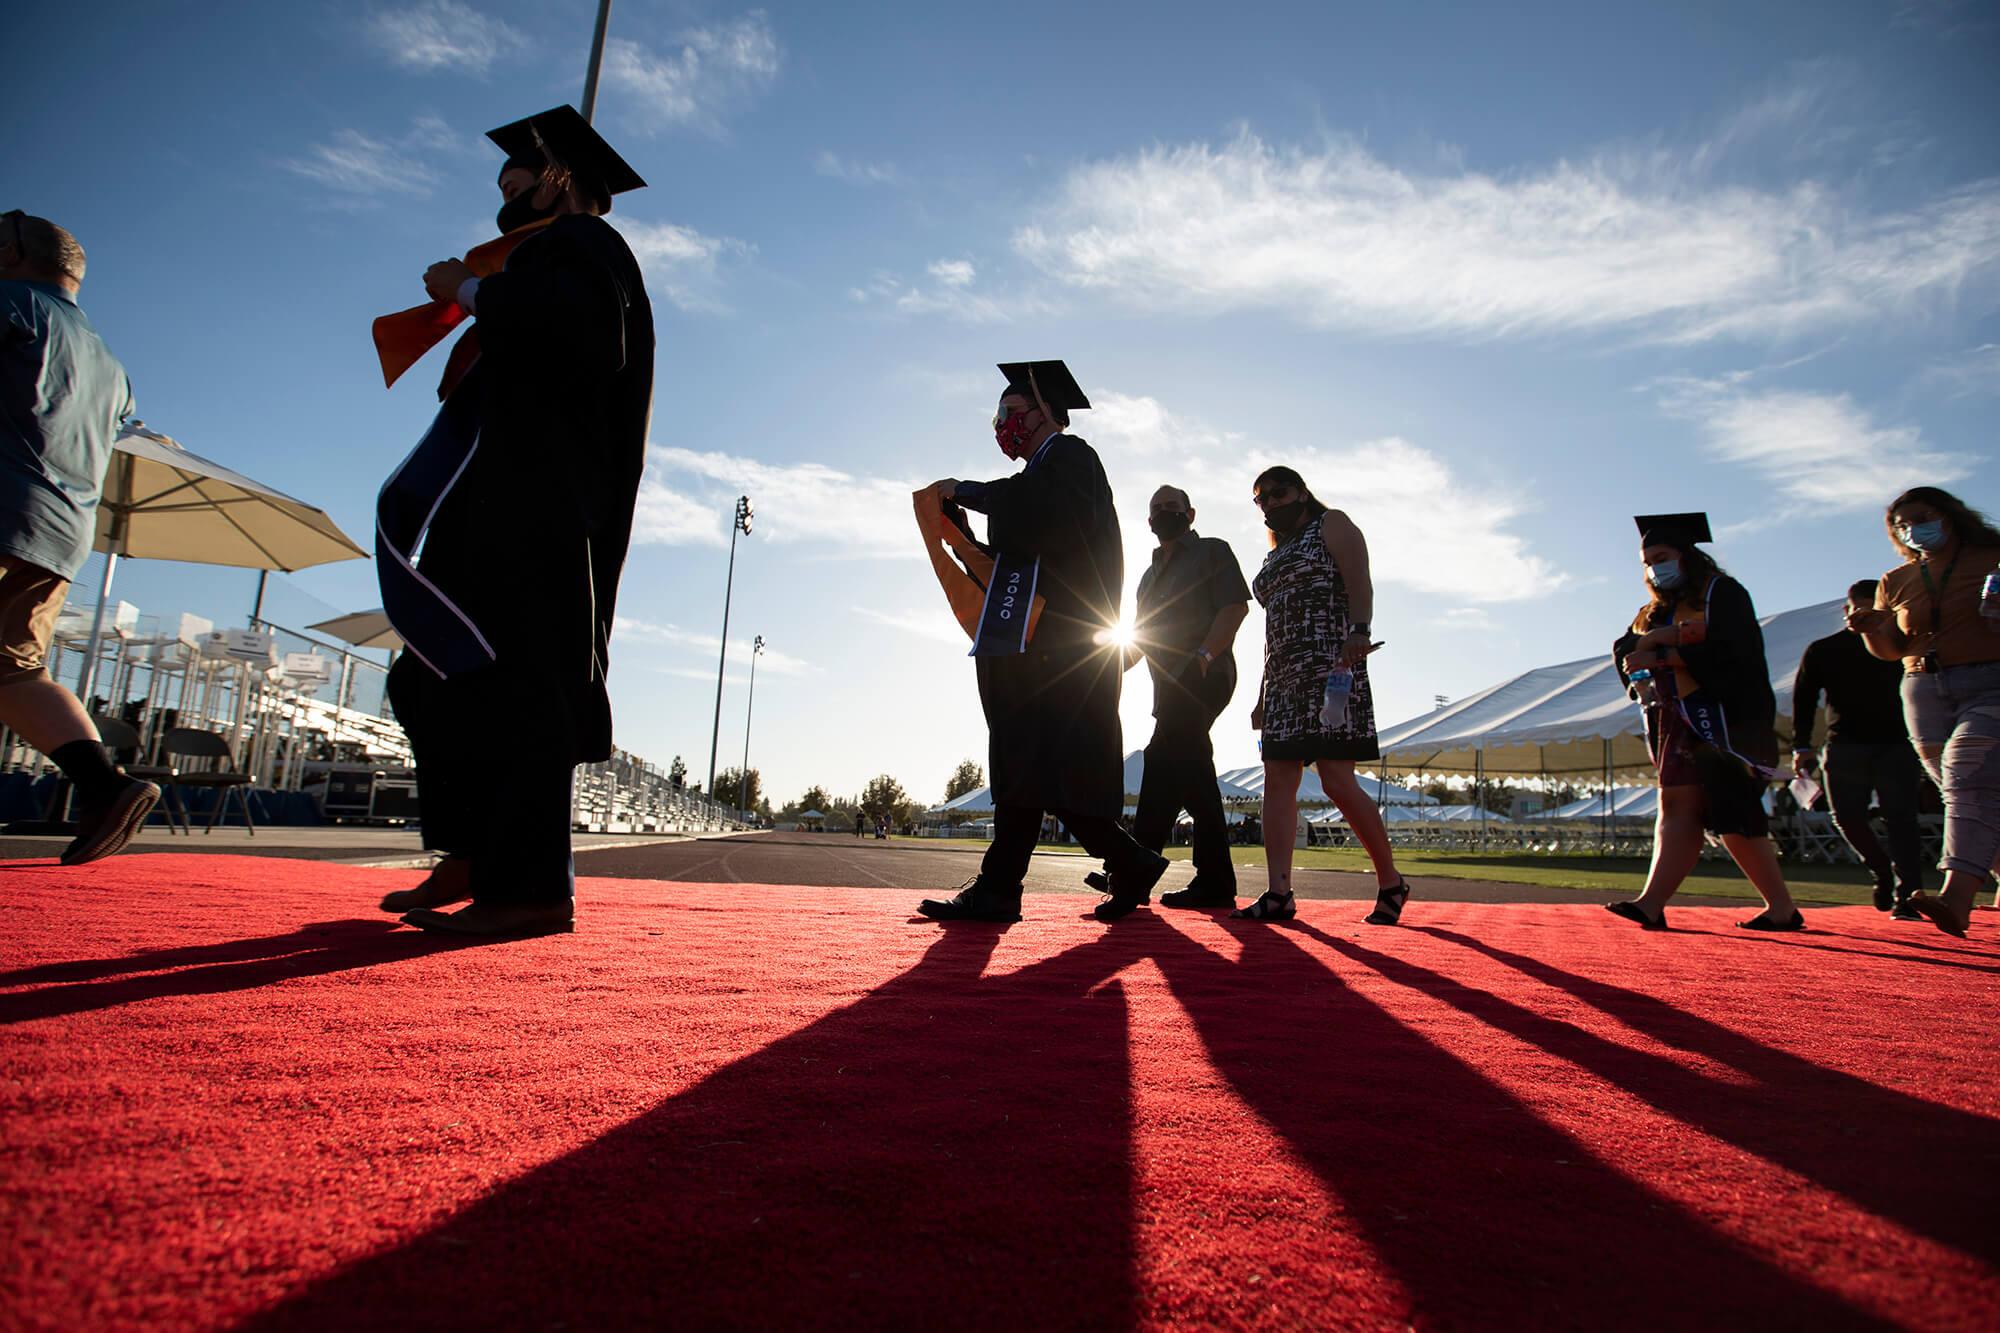 Graduating students in regalia